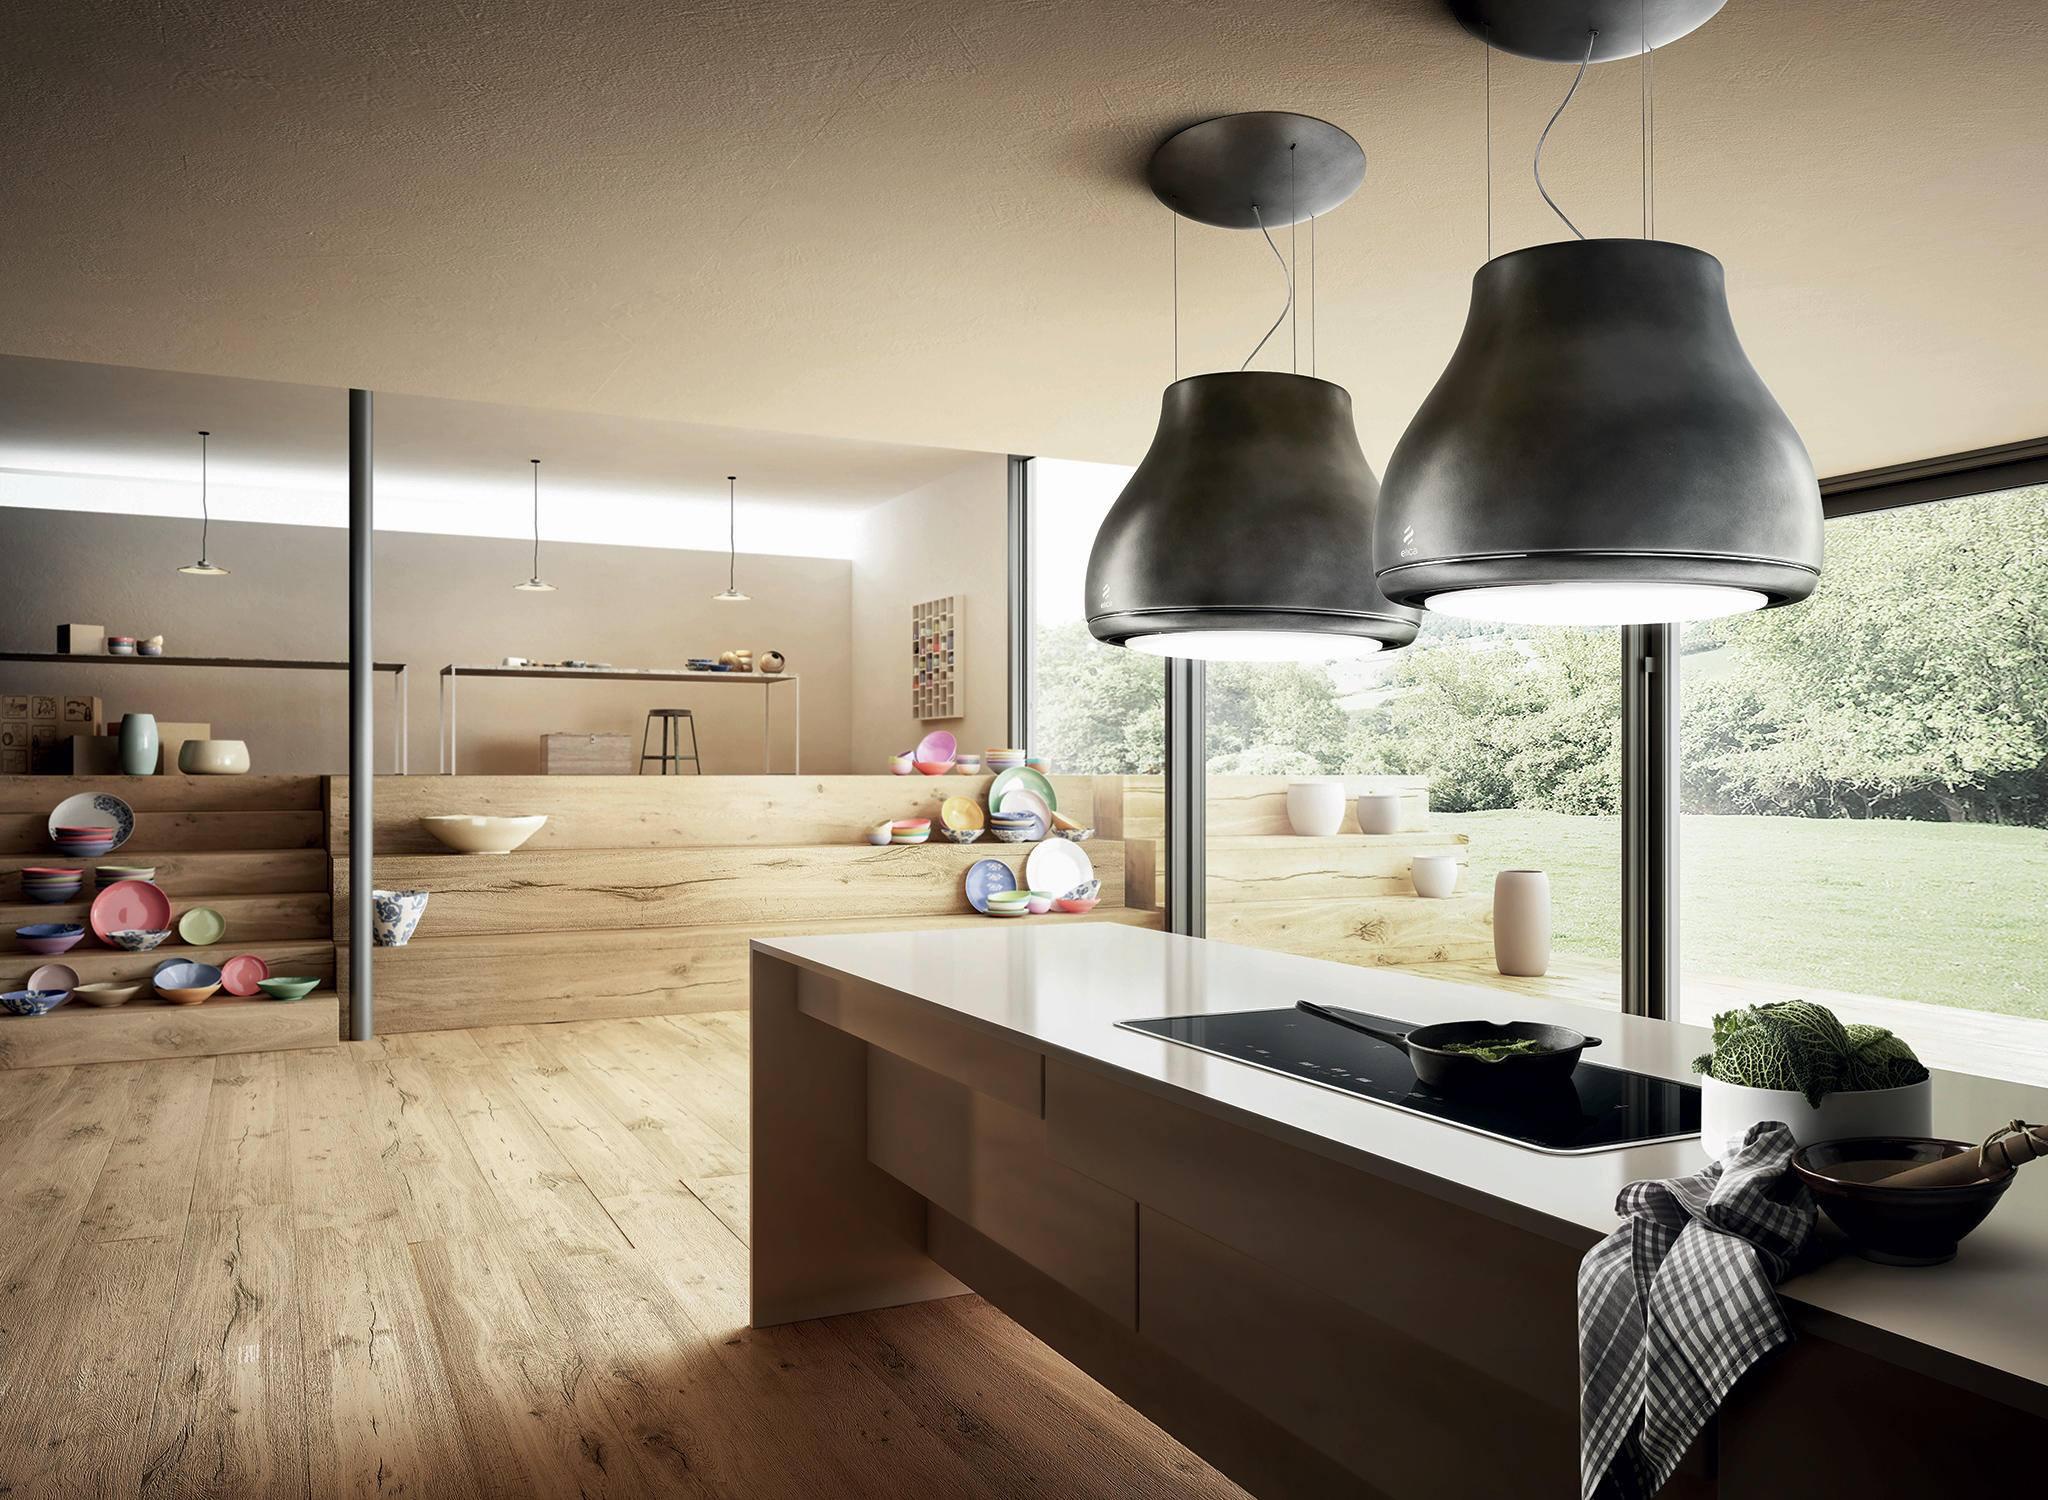 elica-campanas-ambientes-de-diseno-cocinas-con-diseno-unico-muebles-de-cocina-antalia-cocinas-proyecto-de-cocina-cocinas-de-diseno-exclusivo-3